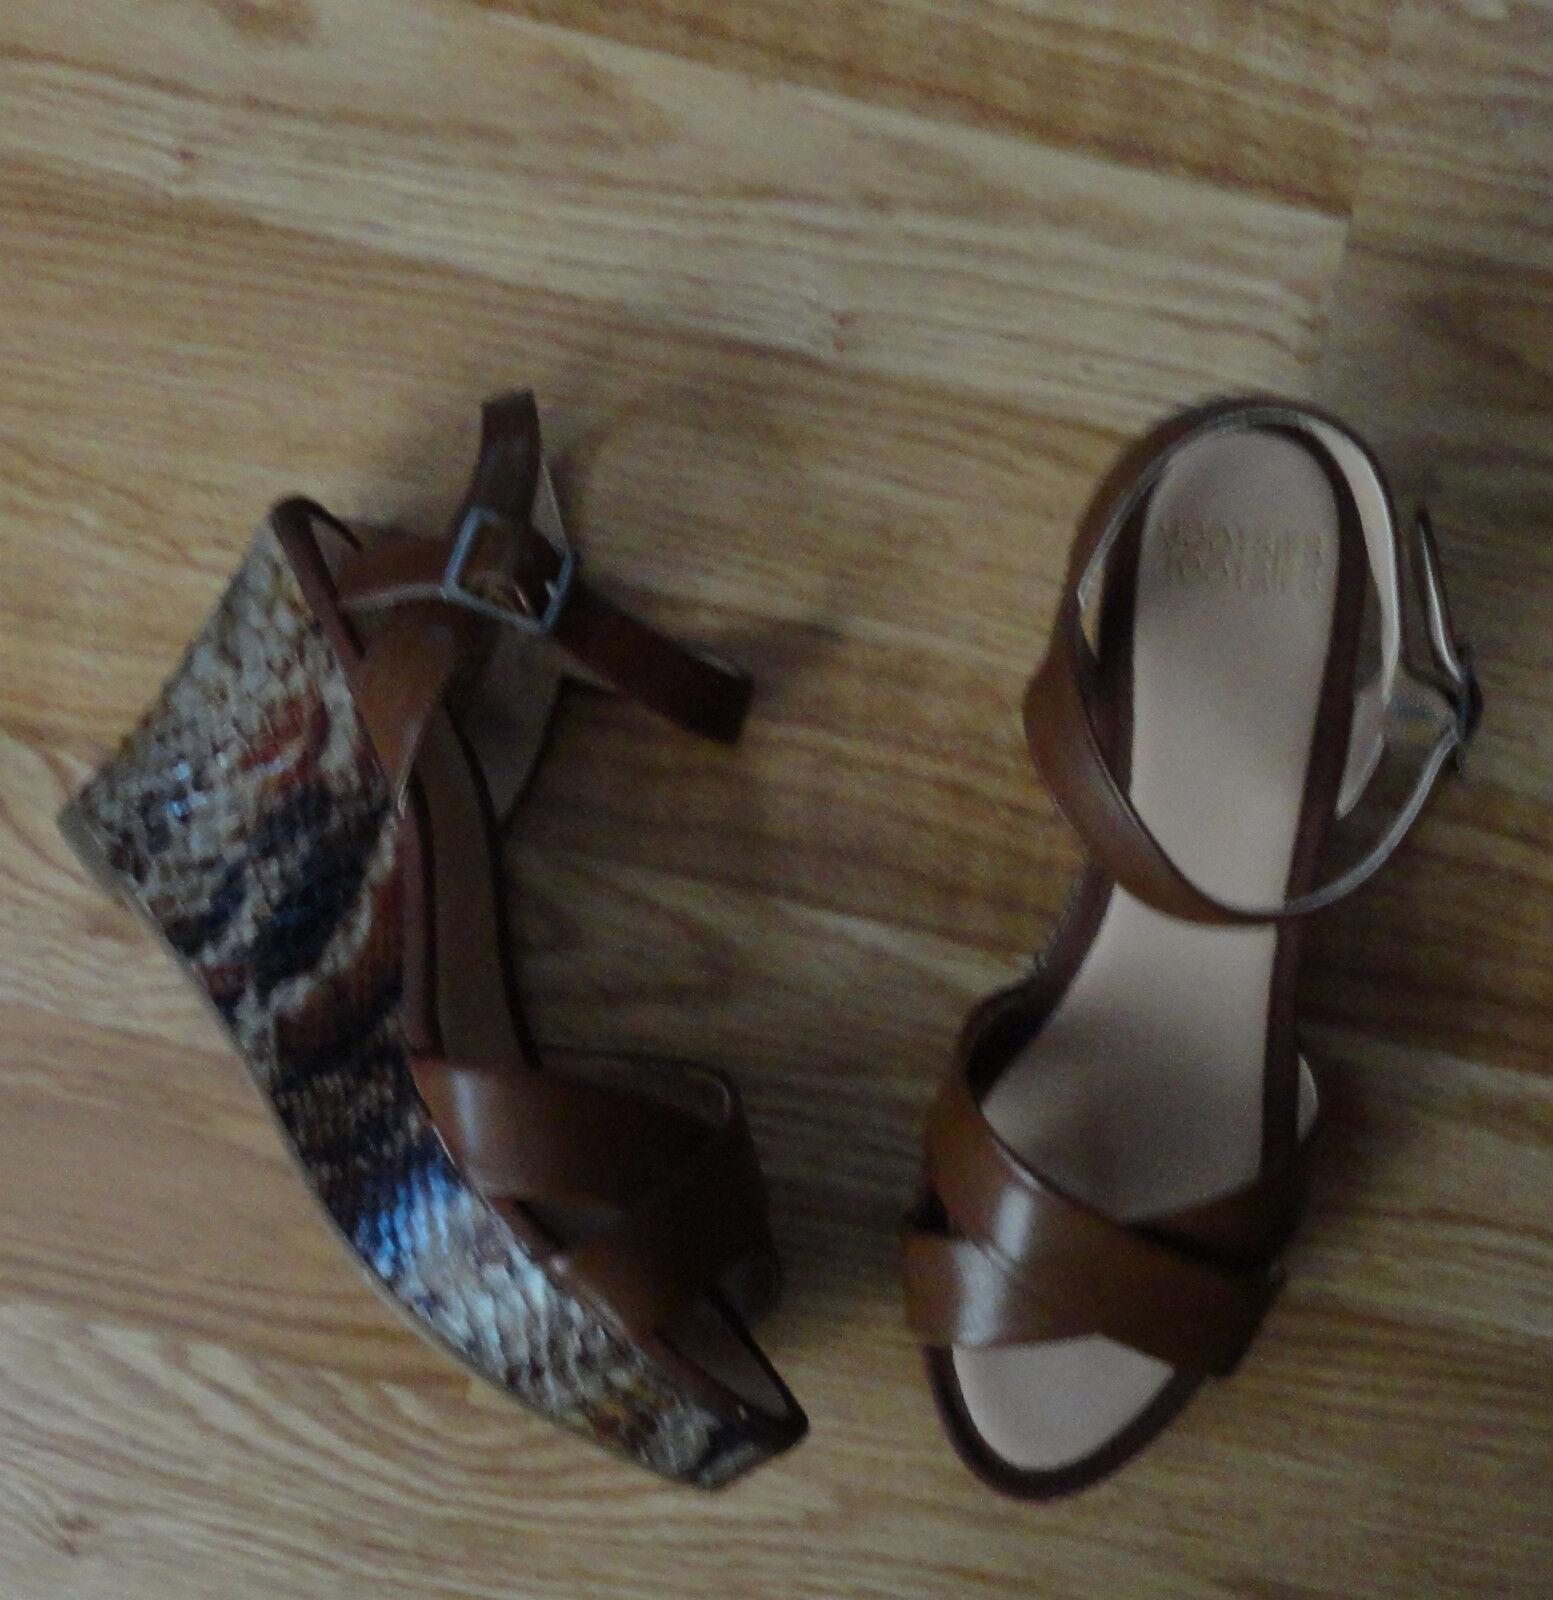 Mootsies Tootsies Women Fx Leather Snake Skin 8.5 Wedge Platform Sandal Shoe 8.5 Skin $60 908a22